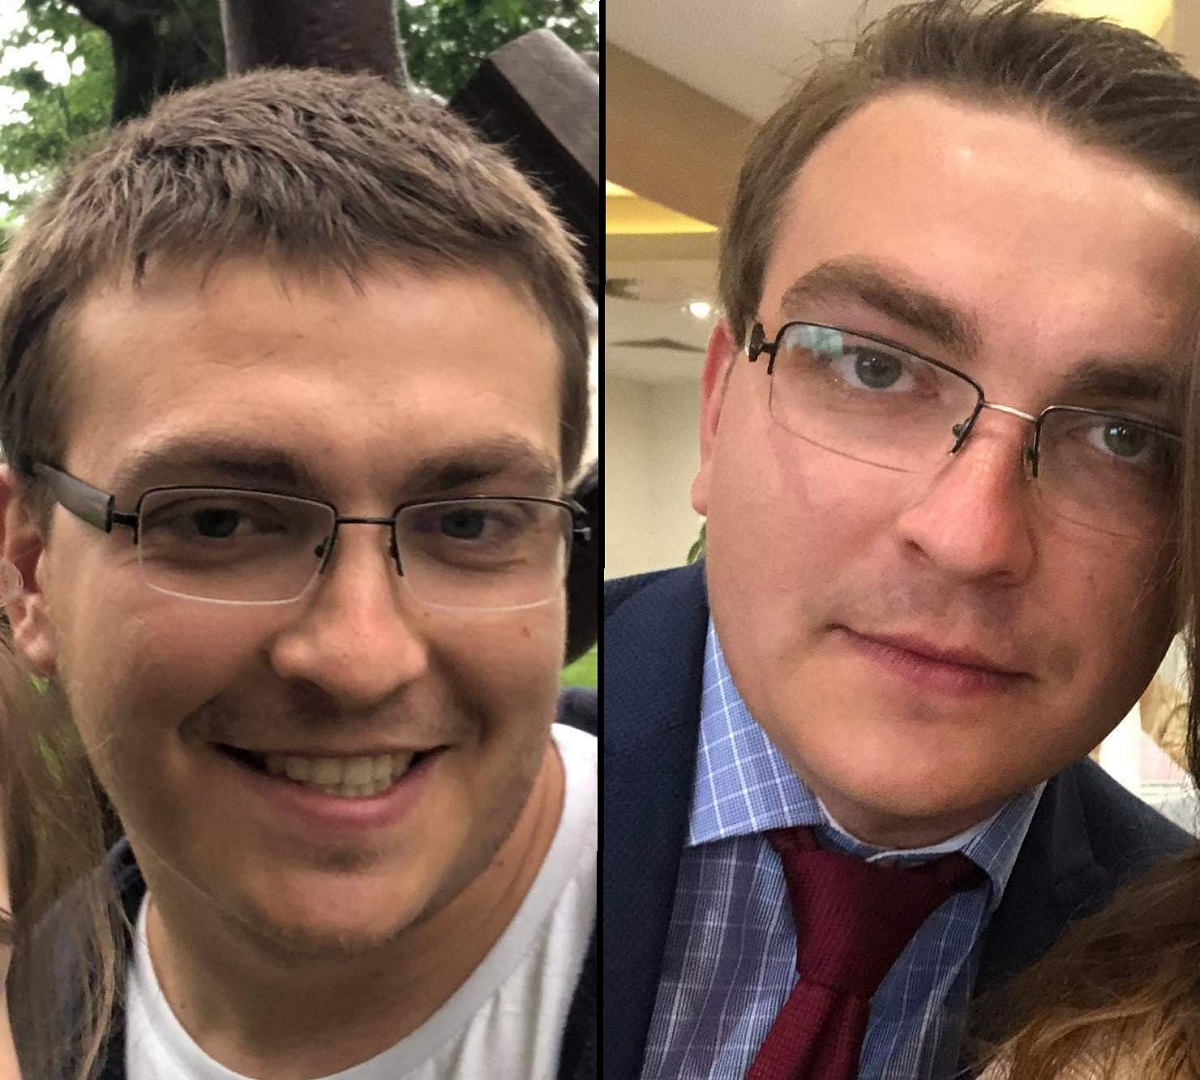 Trwają poszukiwania 25-latka z Rzeszowa. Strażacy przeszukują Wisłok i Żwirownie - Zdjęcie główne